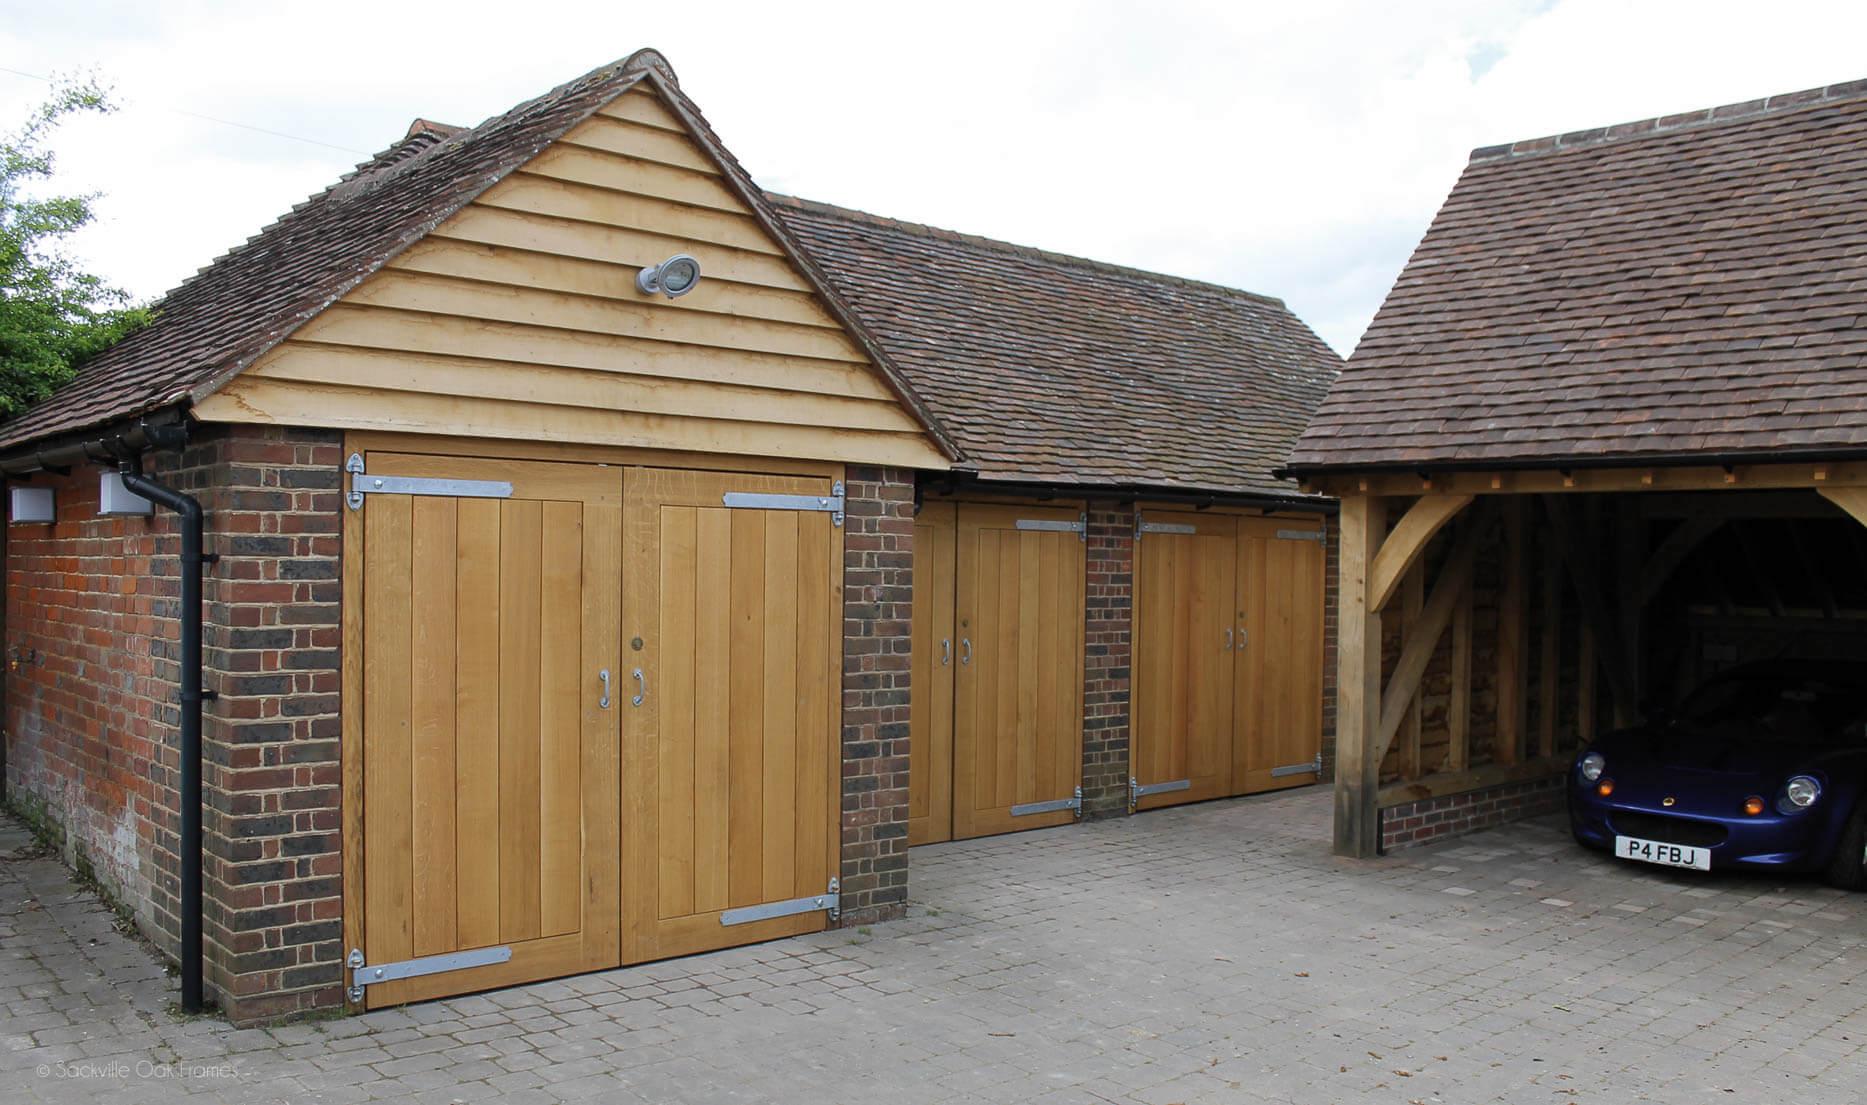 Sackville Oak Frames - Oak Framed Garages and Outbuildings